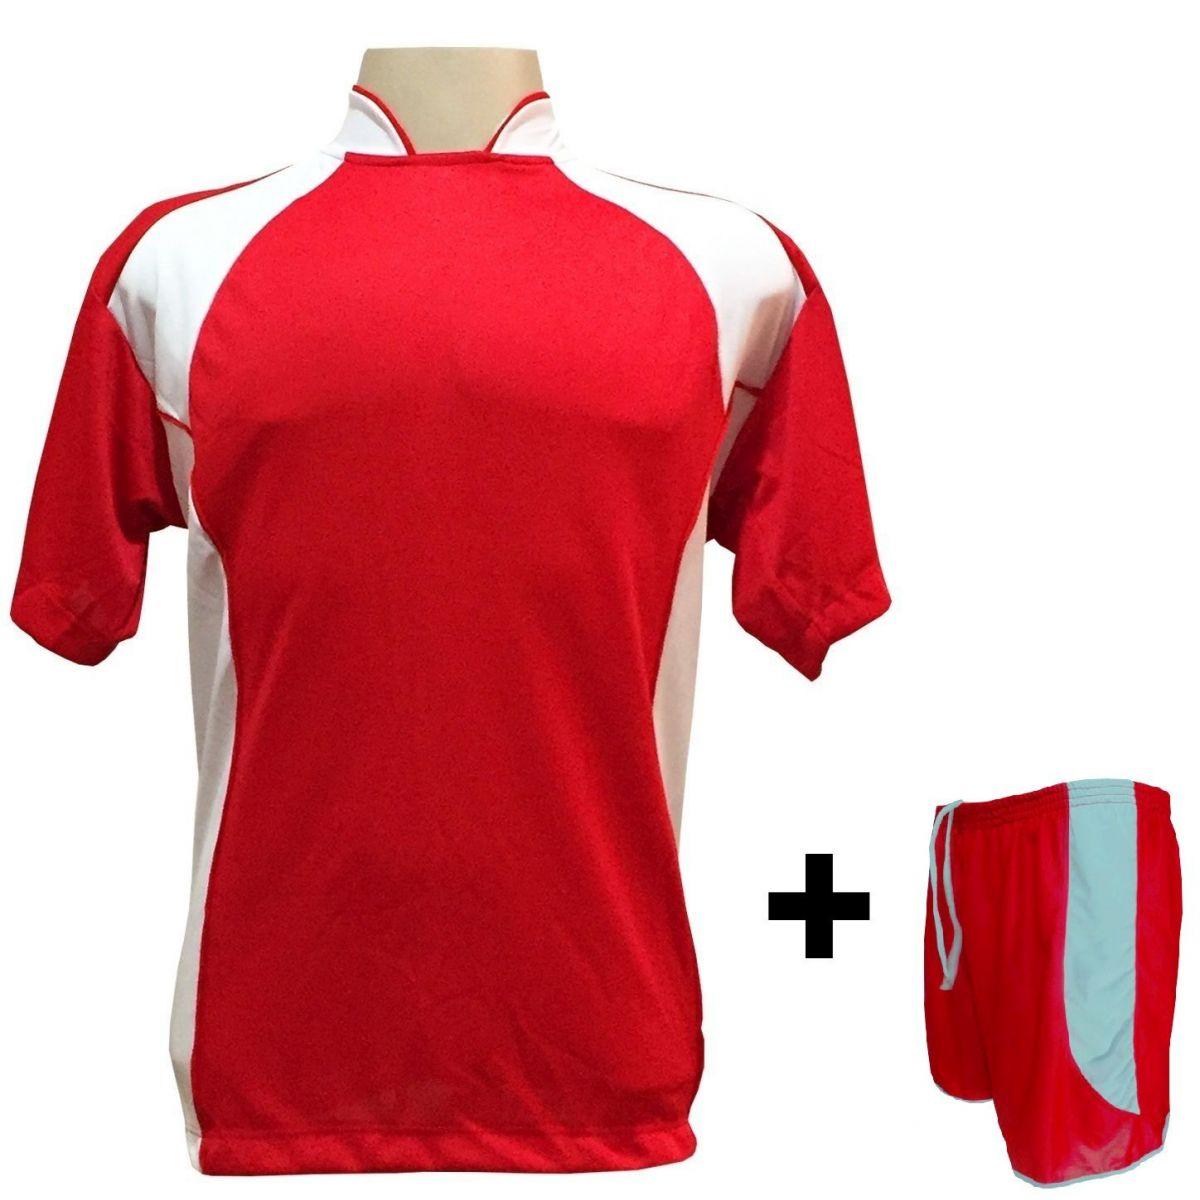 11aeb66003 Uniforme Esportivo modelo Suécia 14+1 (14 Camisas Vermelho Branco + 14  Calções modelo Copa Vermelho Branco + 1 Conjunto de Goleiro) - Frete Grátis  Brasil + ...